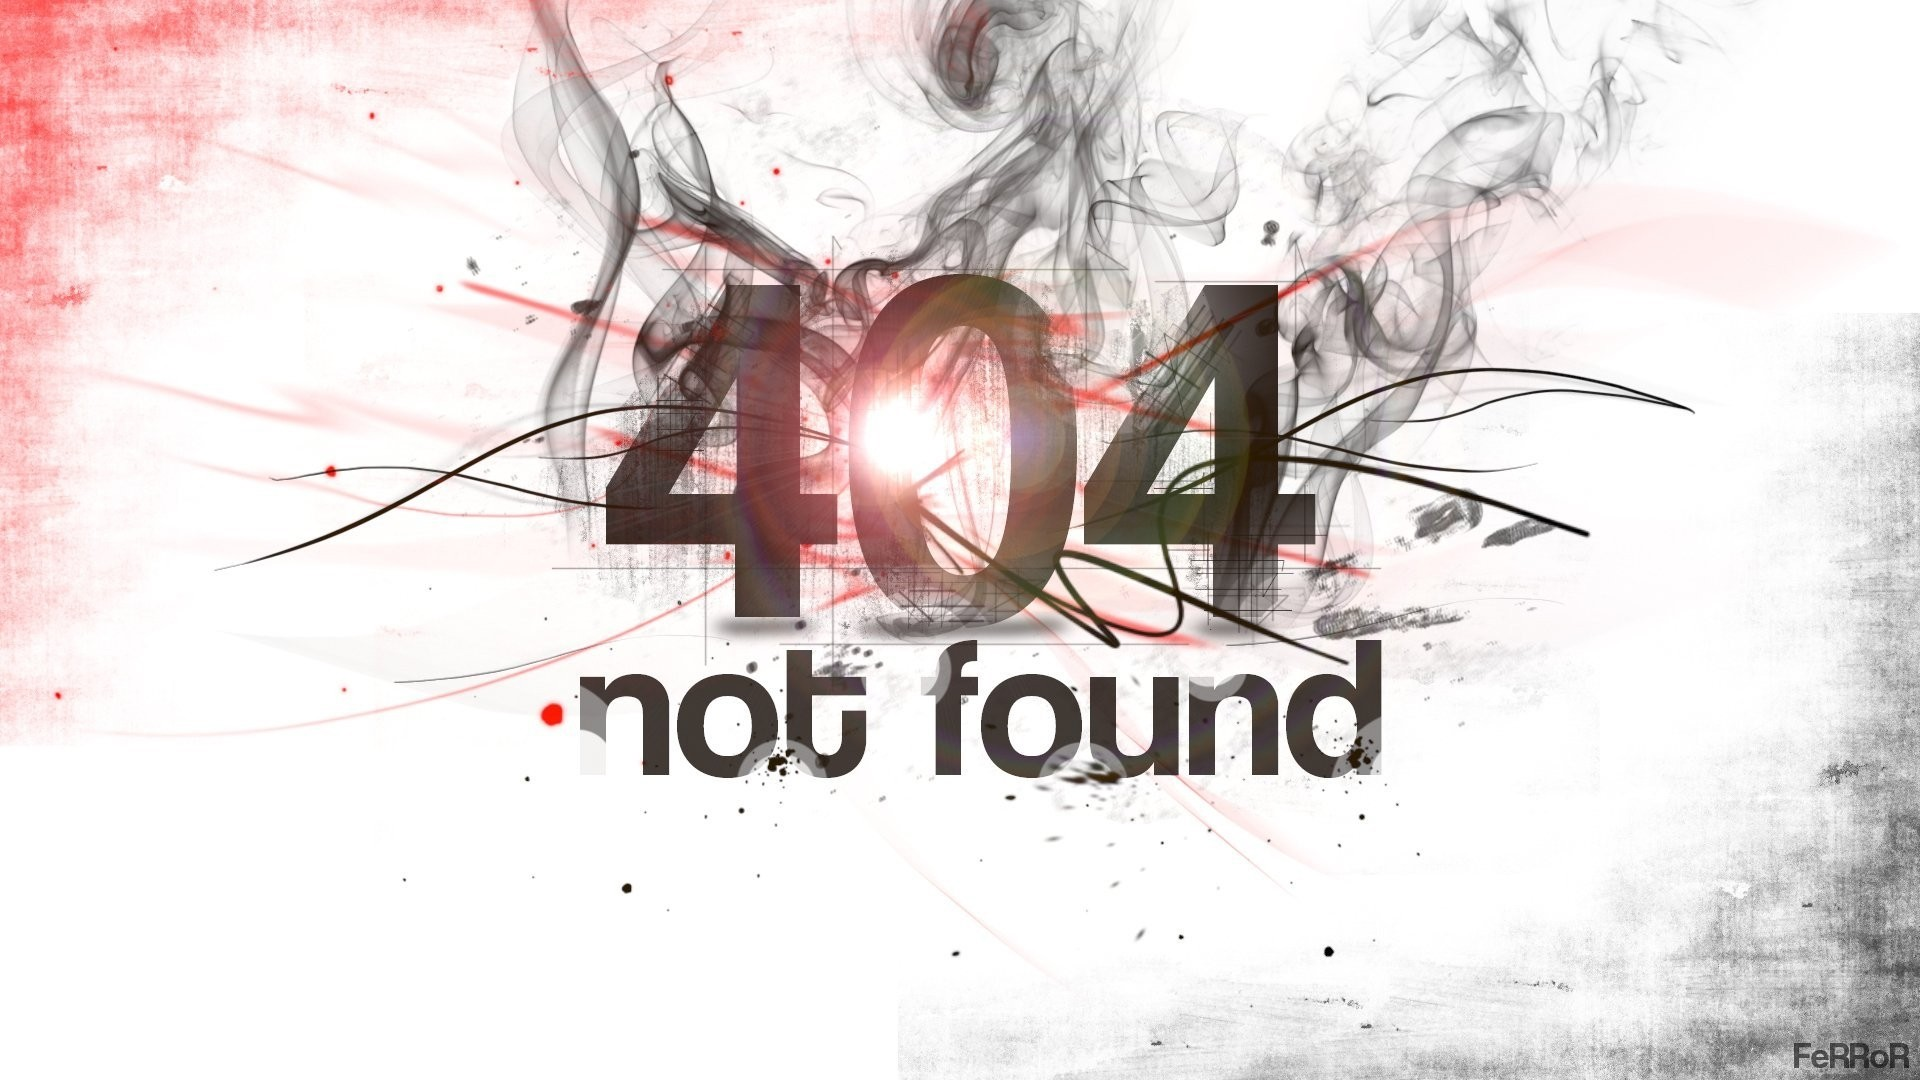 Error 404 a wallpaper